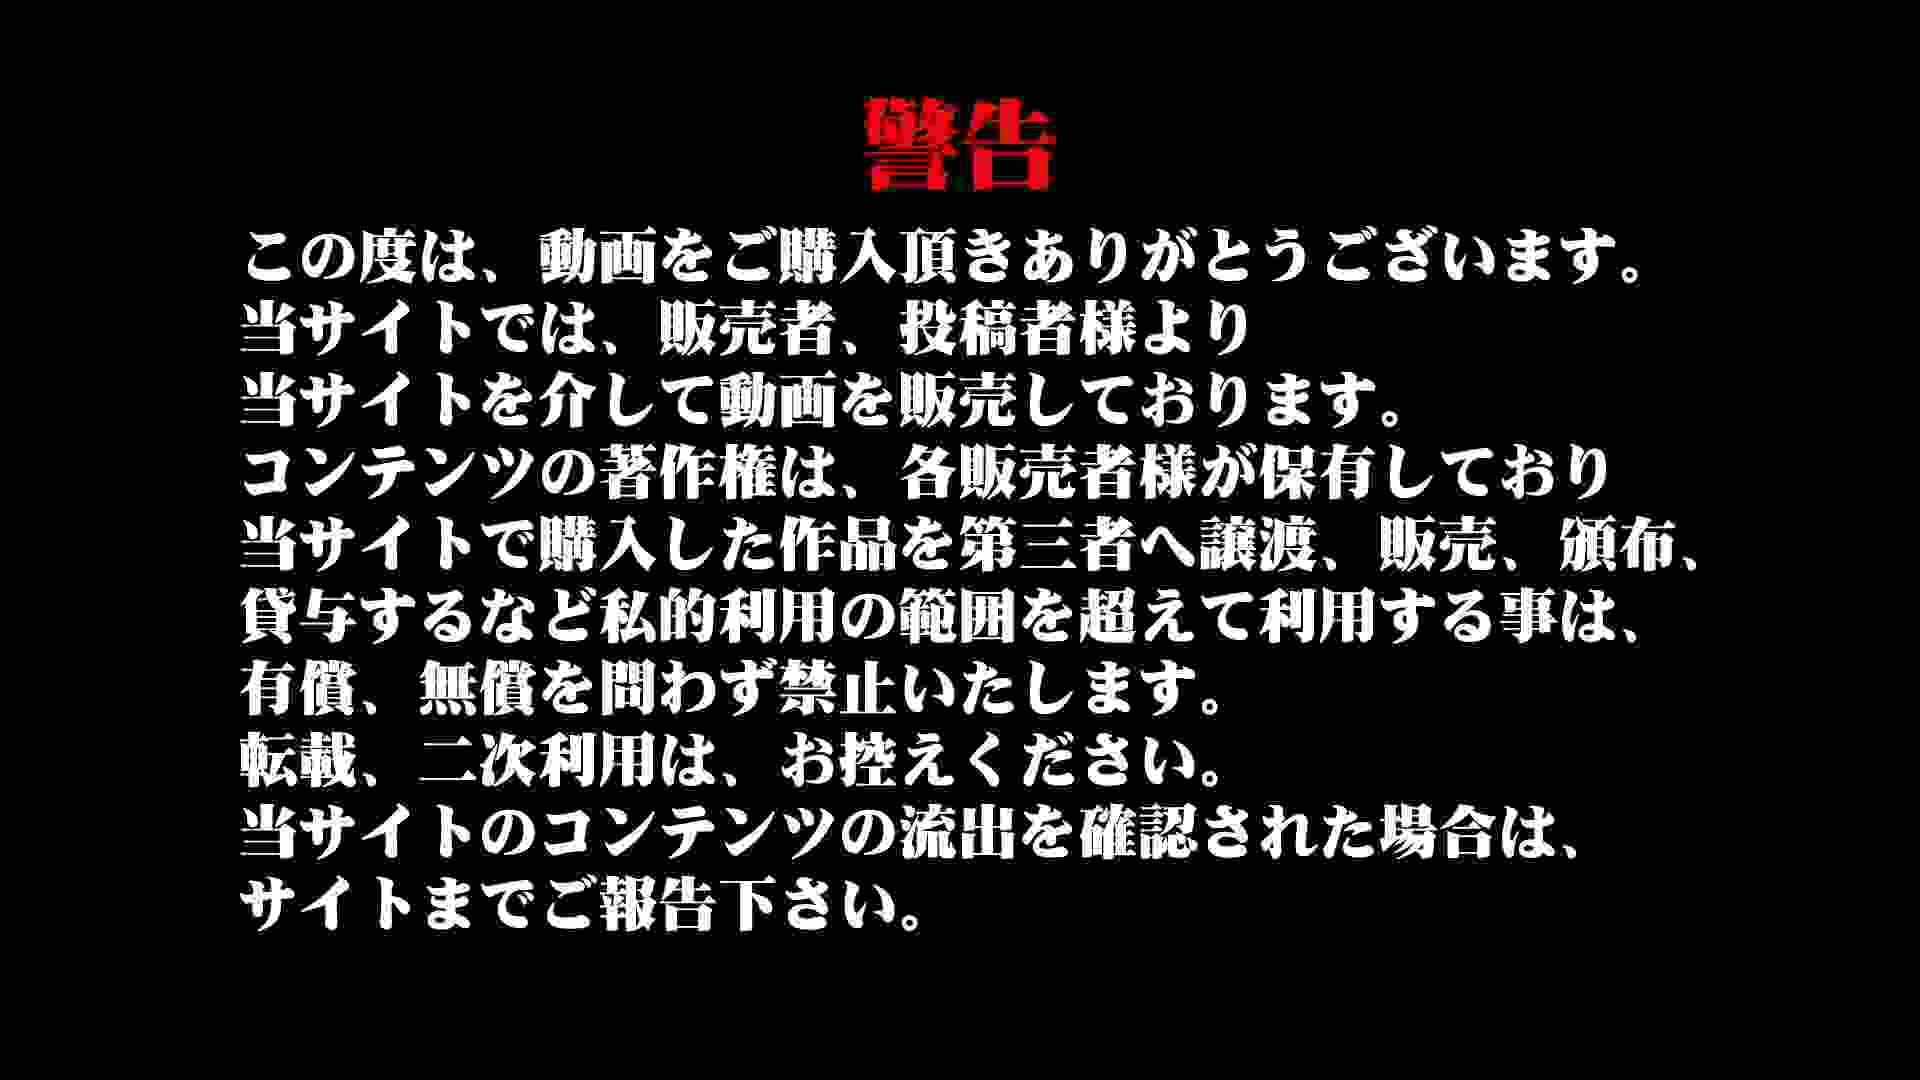 ギャルのツルピカ潜入盗撮!Vol.07 リアルうんこ | ギャル盗撮映像  104PIX